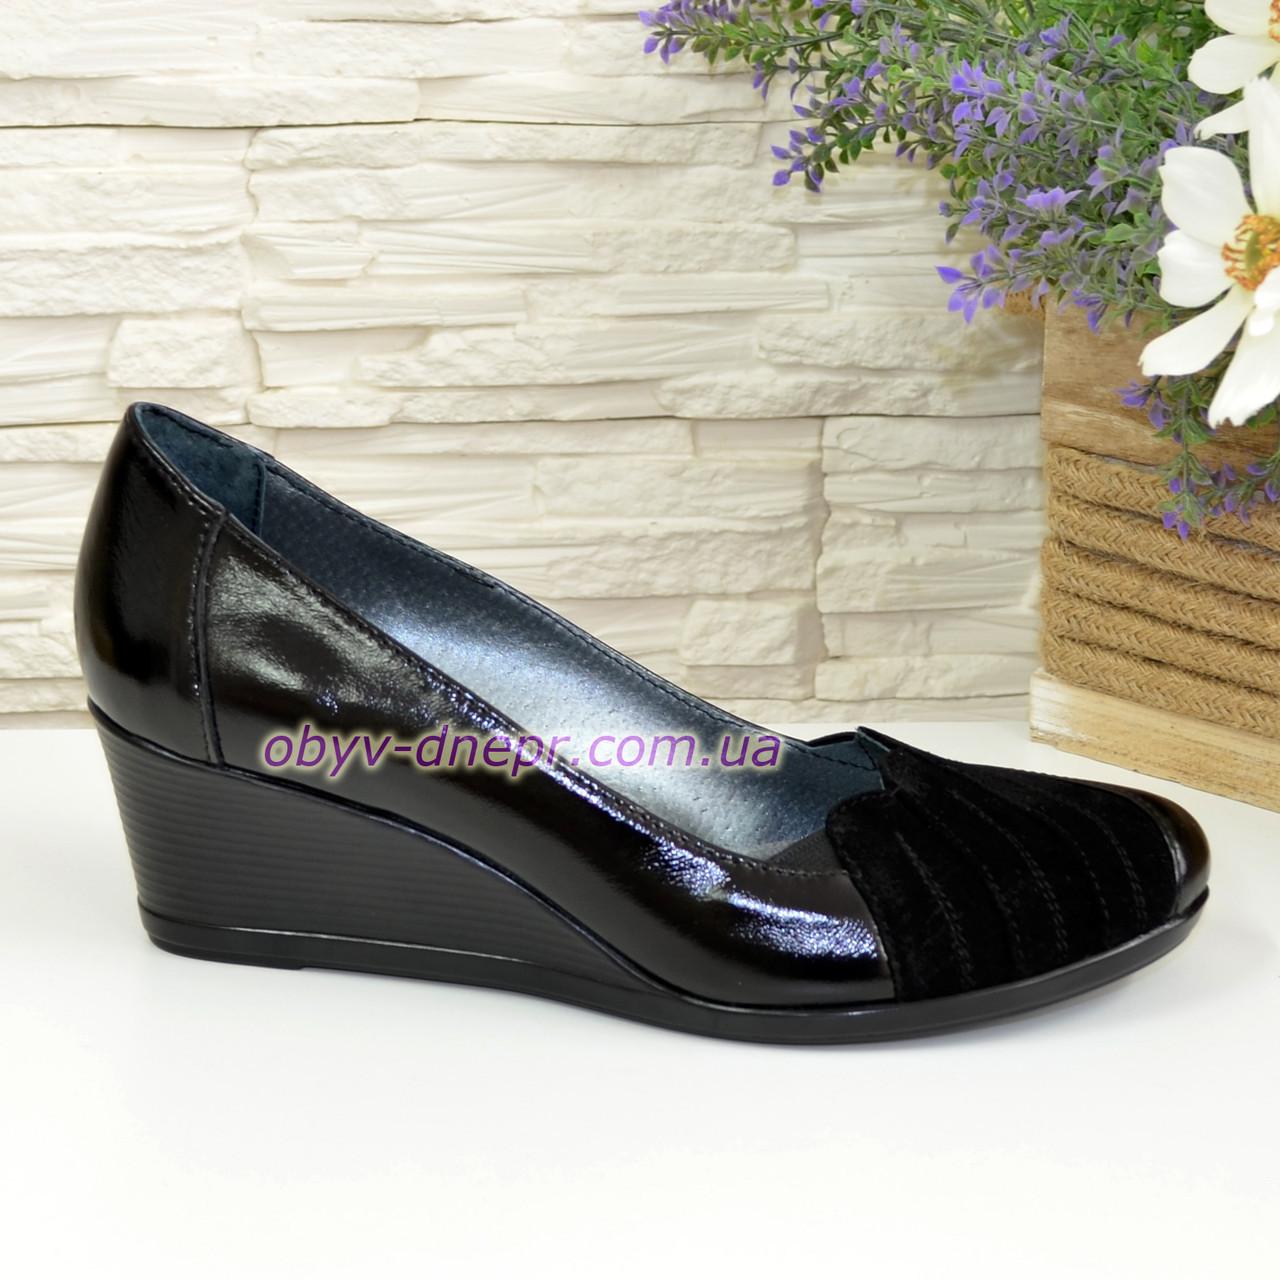 Женские черные туфли на танкетке, натуральная лаковая кожа и замша, фото 1